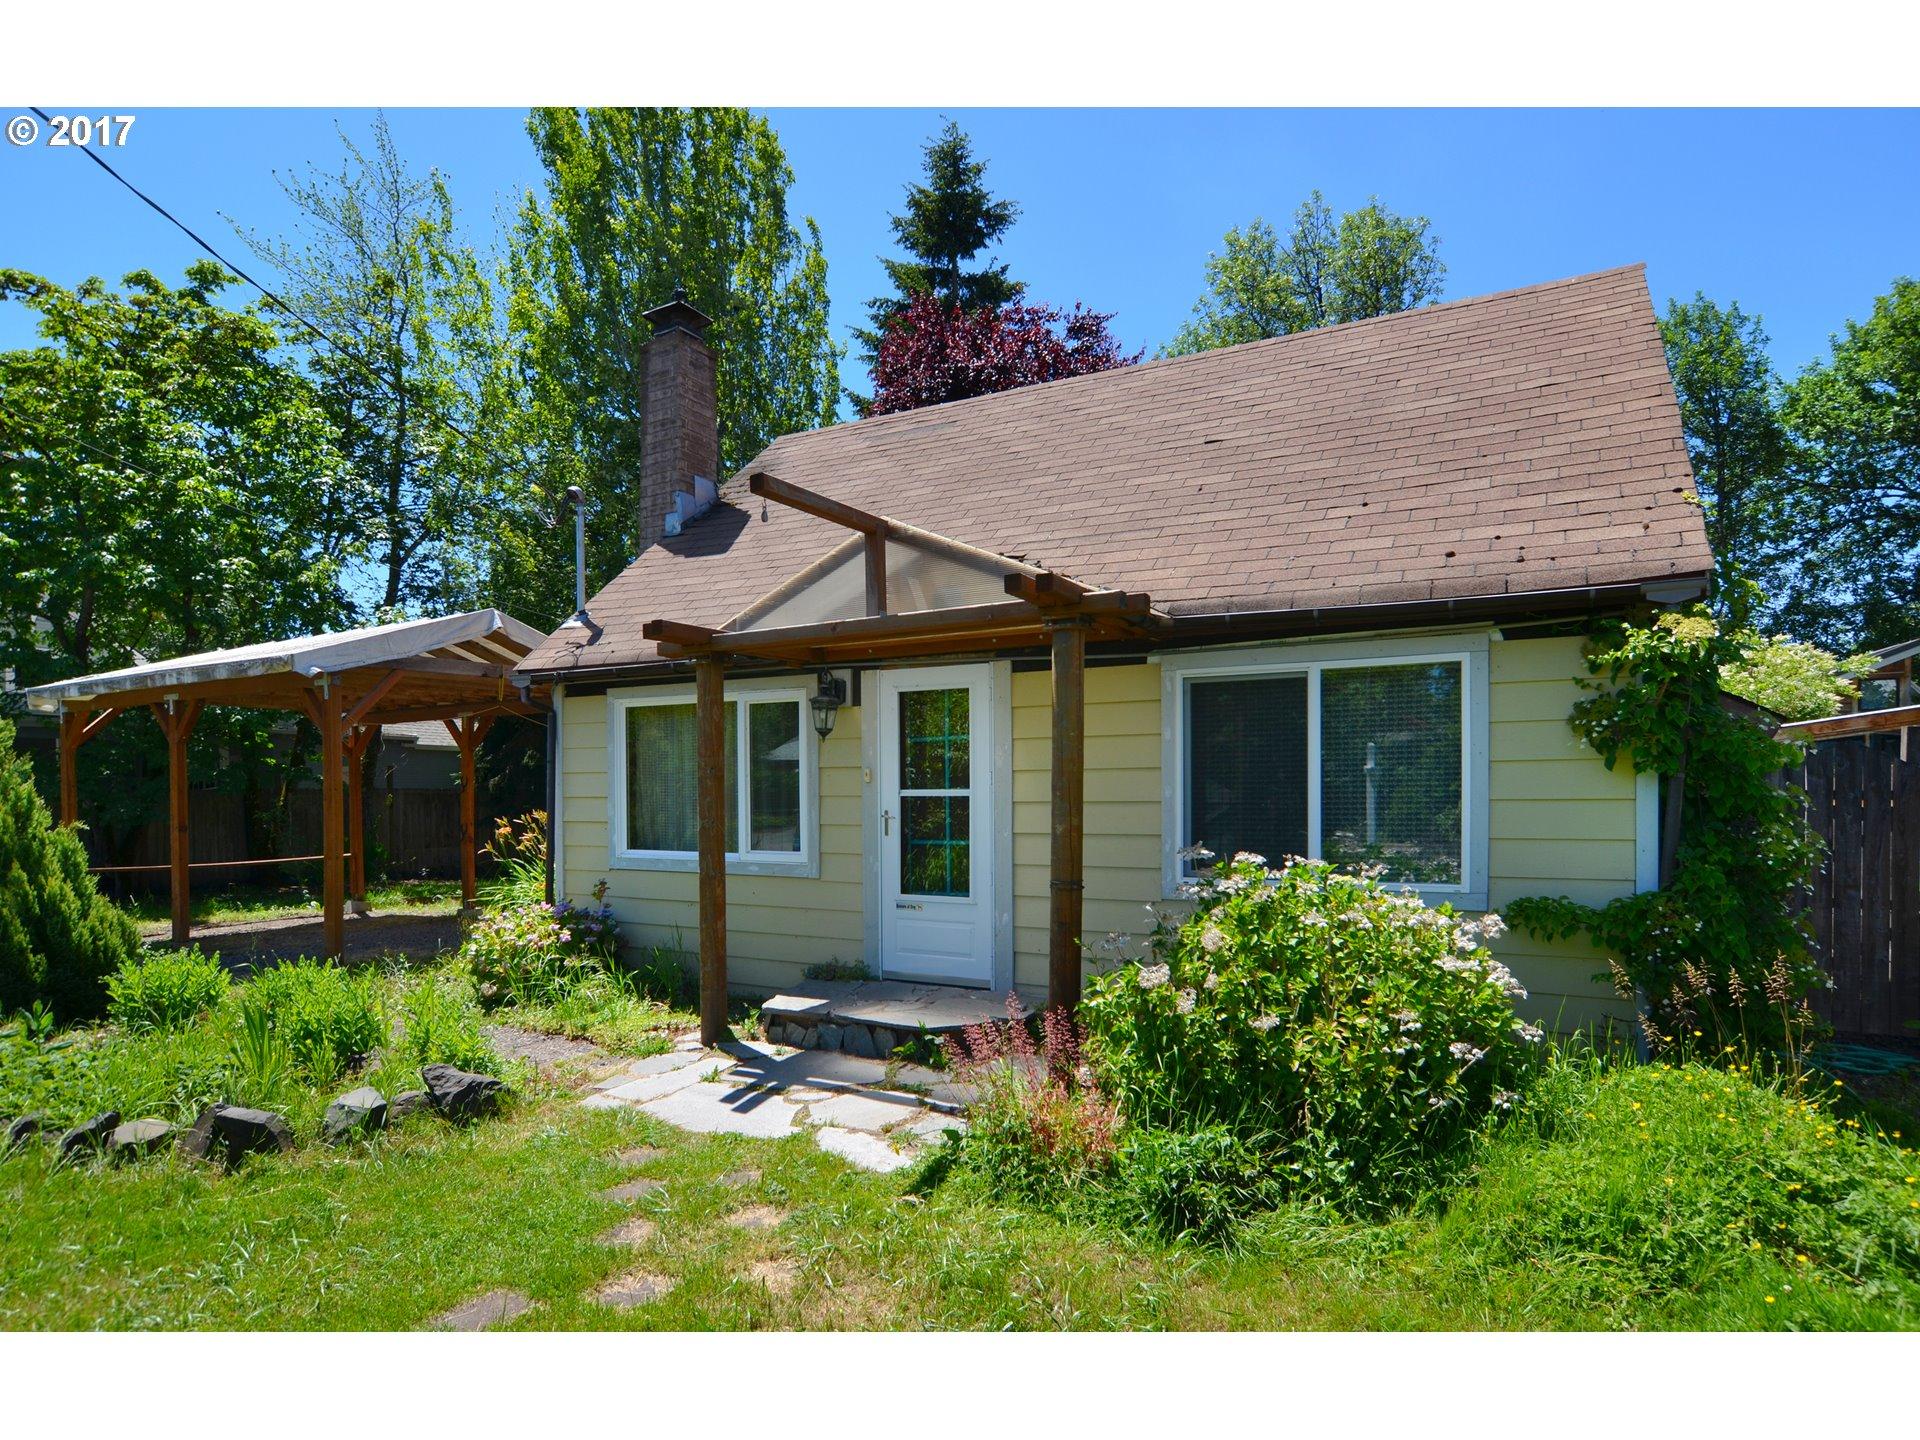 1340 ARTHUR ST, Eugene, OR 97402